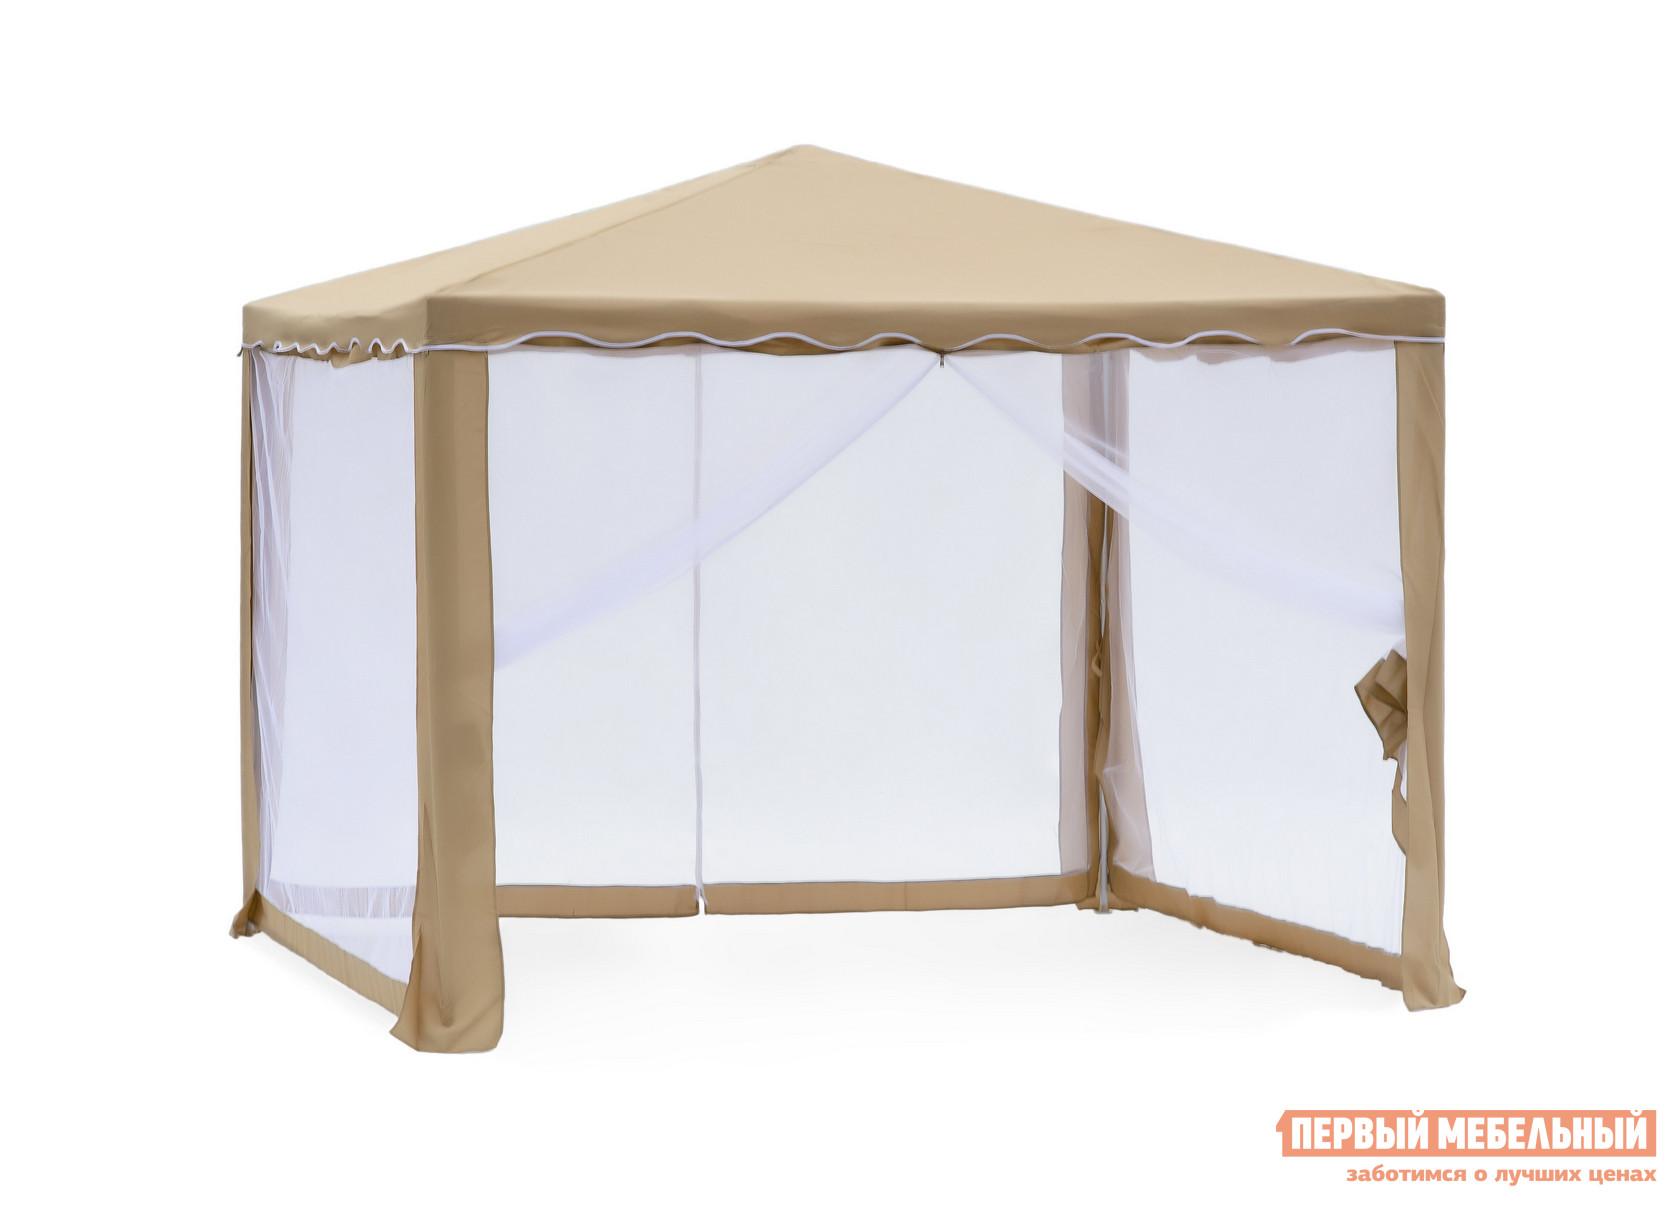 Шатер для дачи Лекс групп 1040 Тент садовый из полиэстера садовый шатер afm 1013a